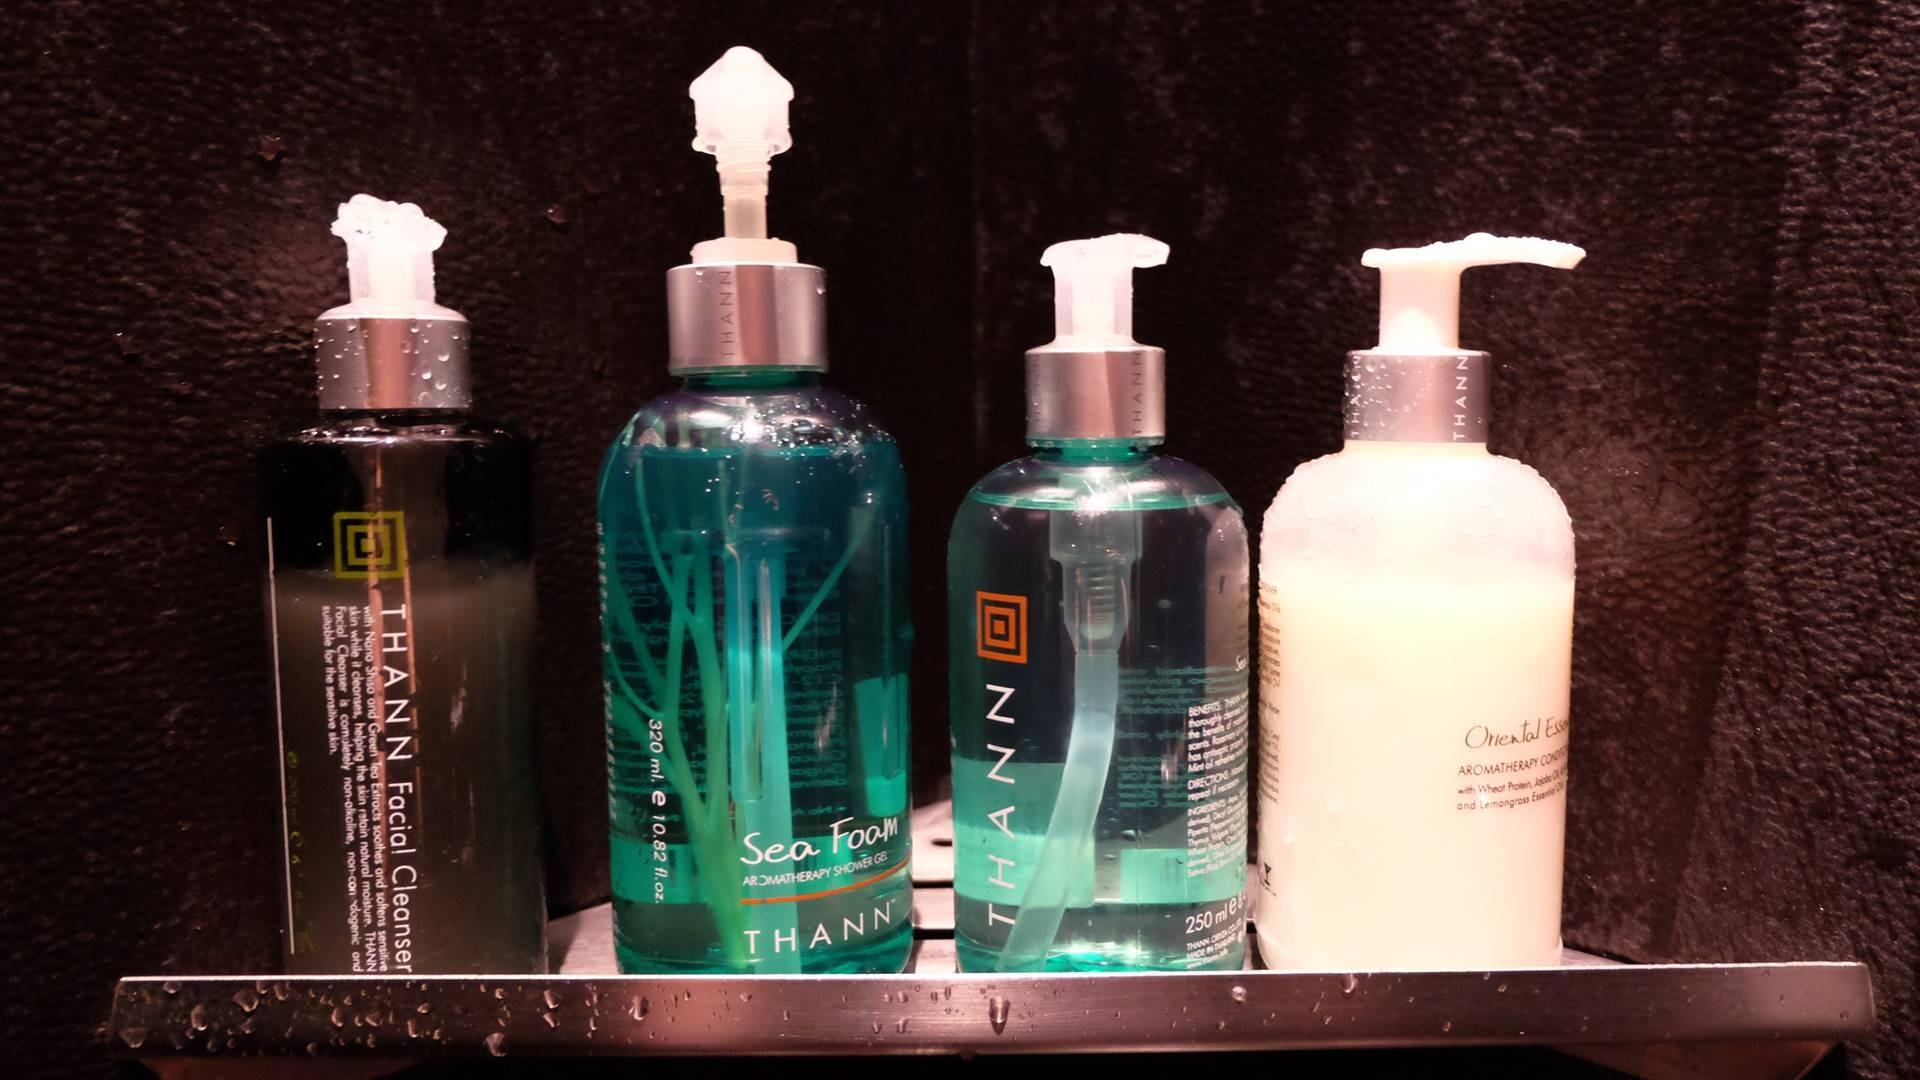 ผลิตภัณฑ์ที่ให้ใช้ในห้องสปาทุกตัวเป็นกลิ่นที่เราเลือกค่ะ